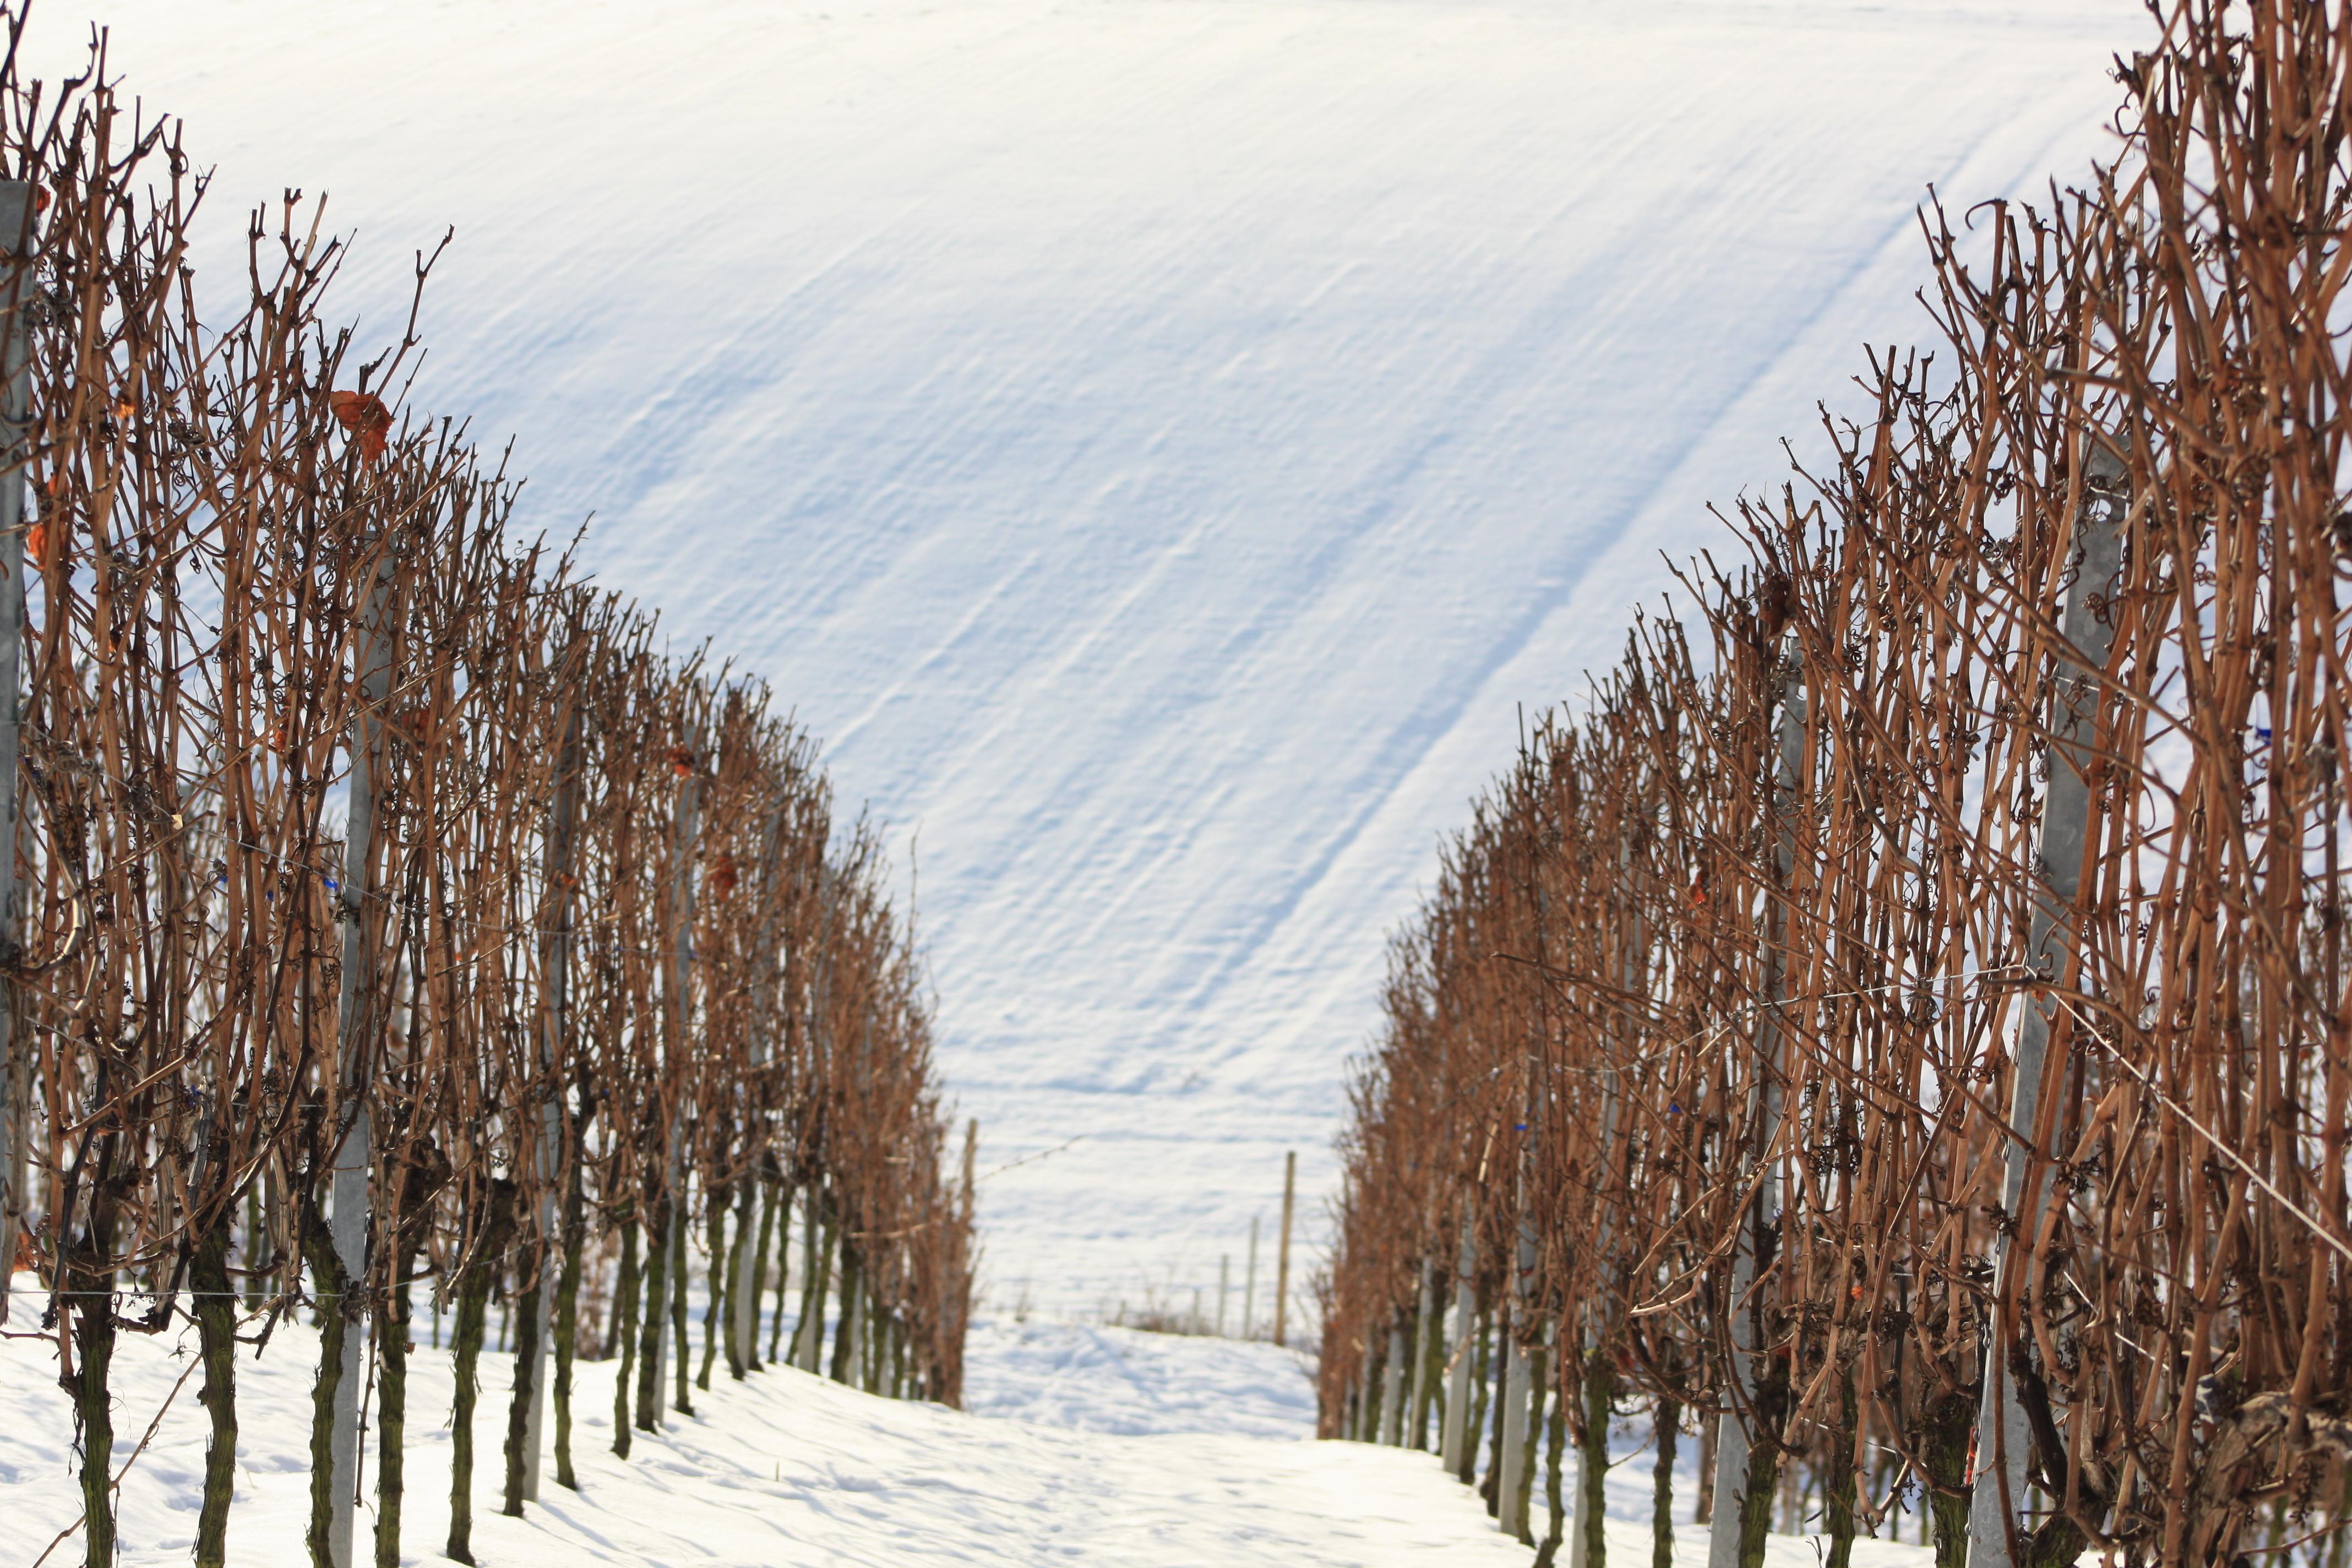 Wine stay in Germany - Germany - Wine regions - 2